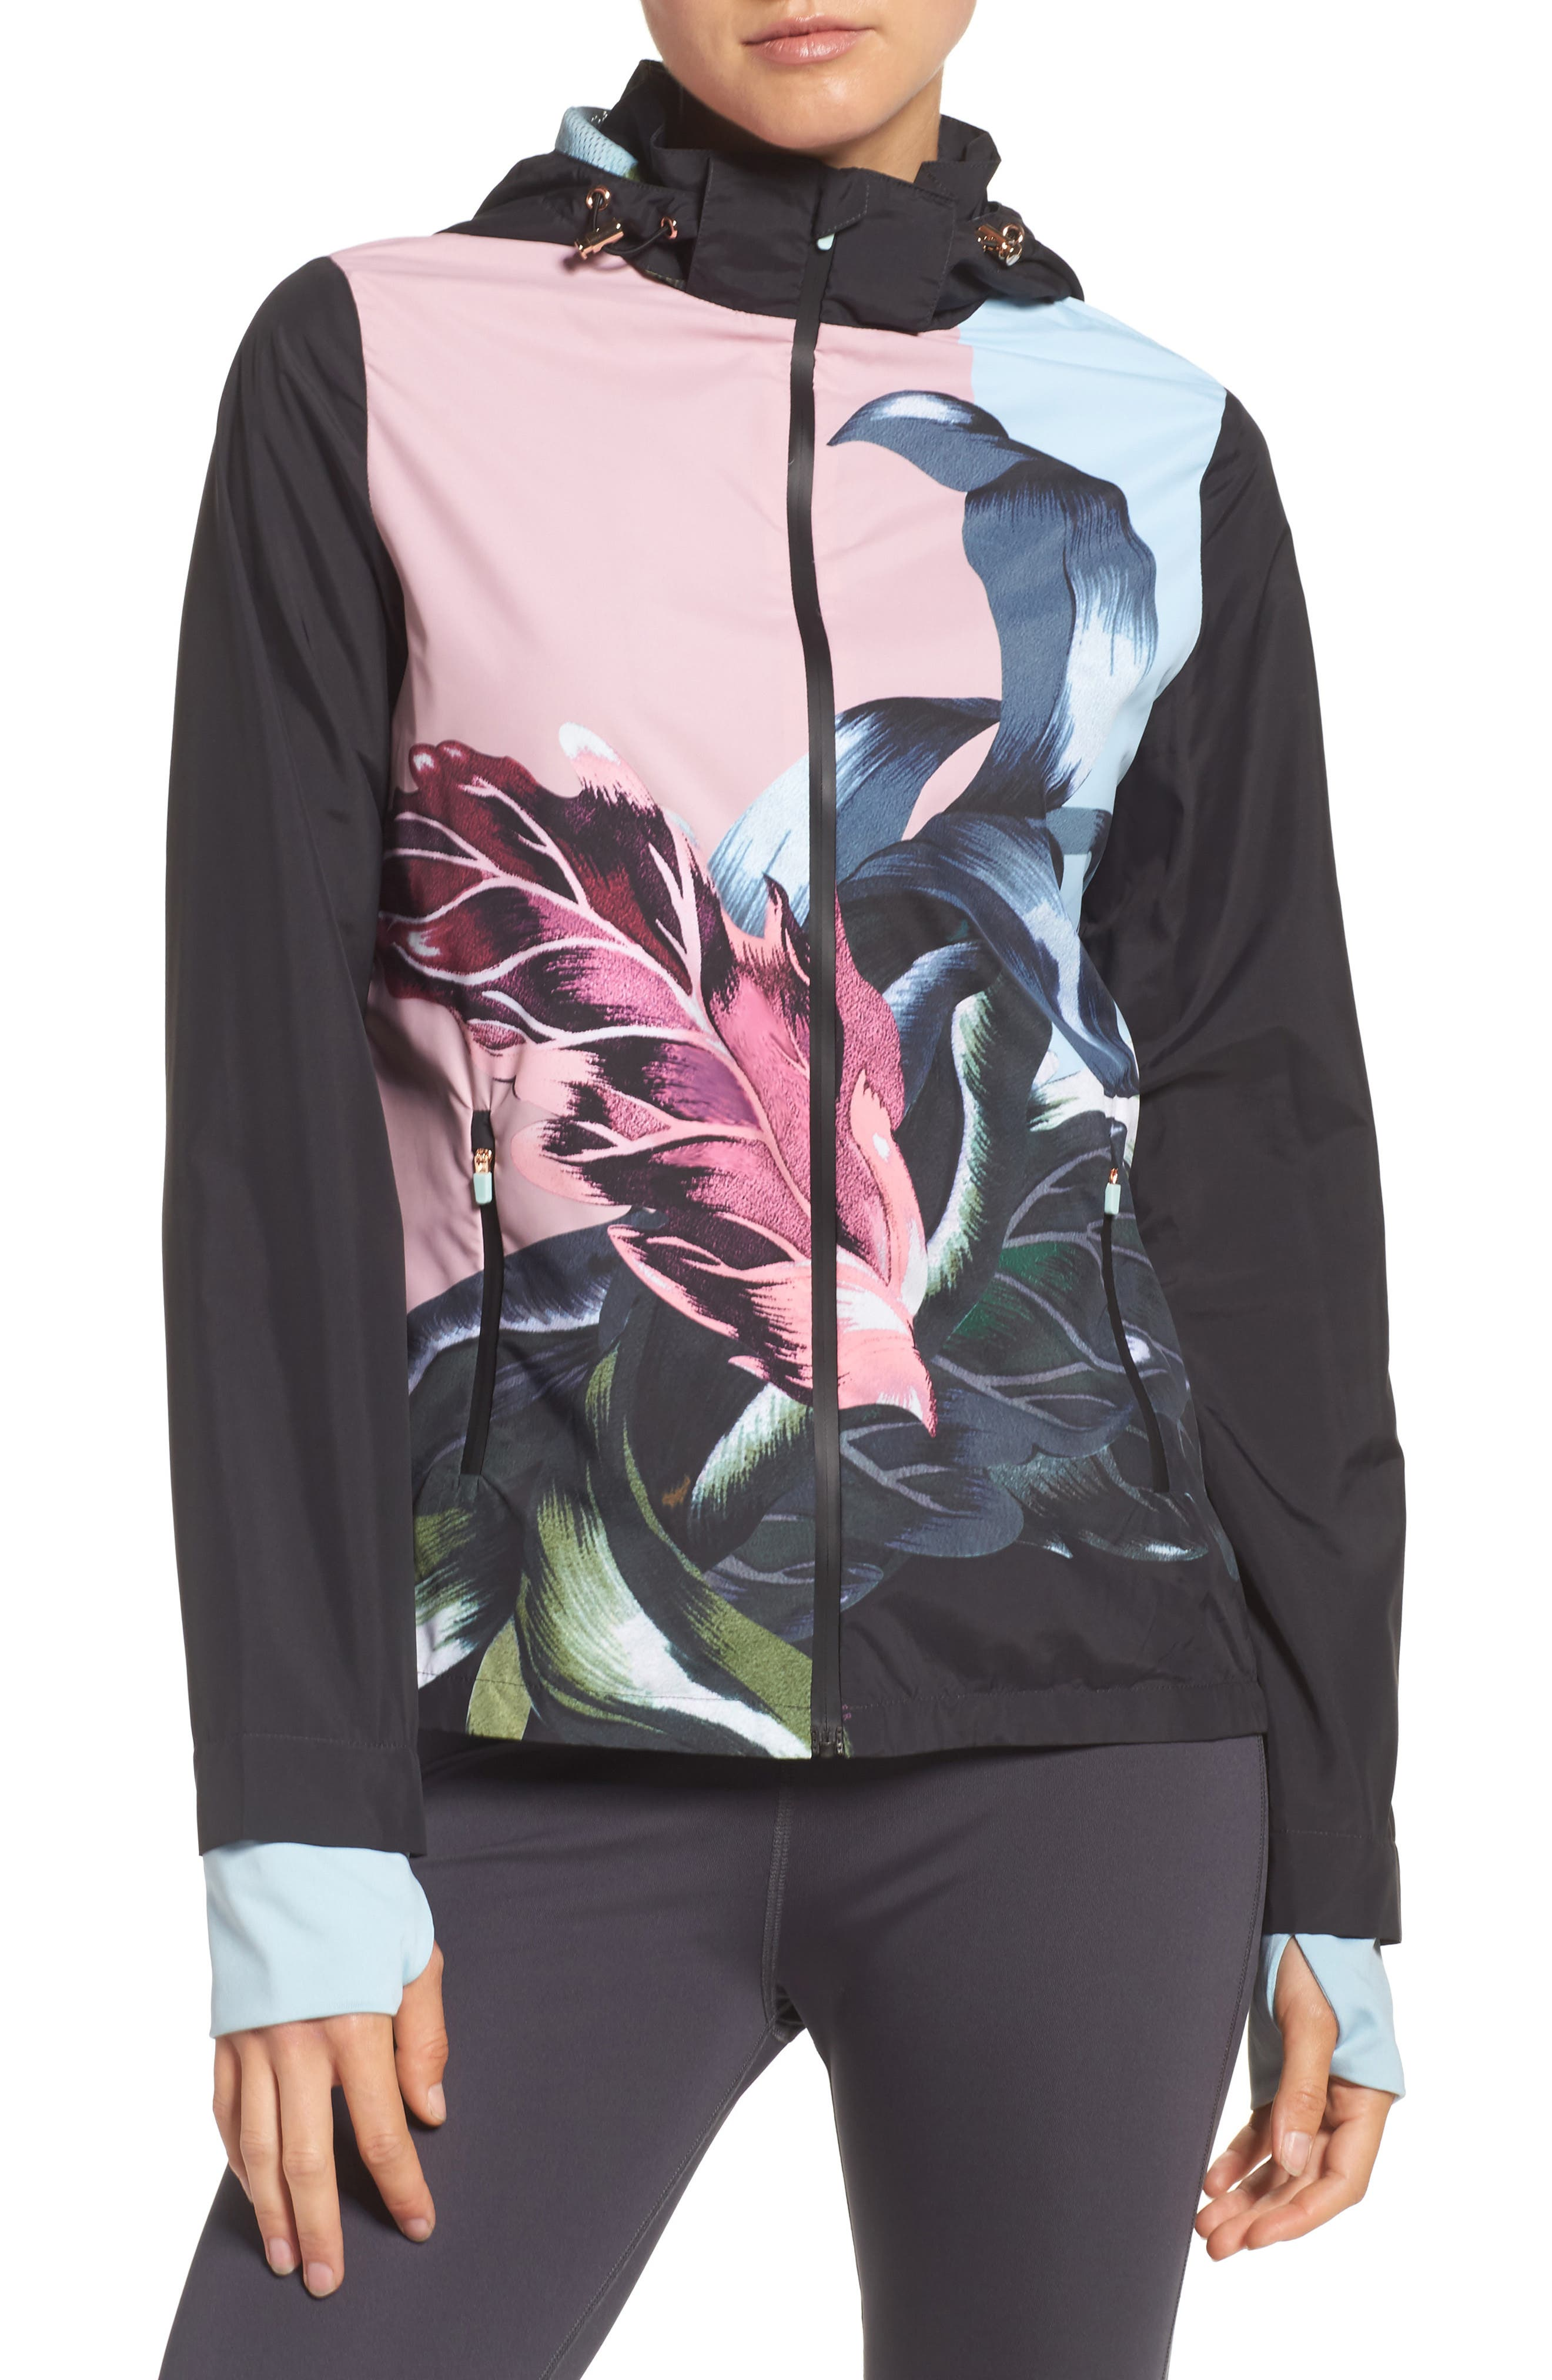 Alternate Image 1 Selected - Ted Baker London Eden Floral Print Jacket